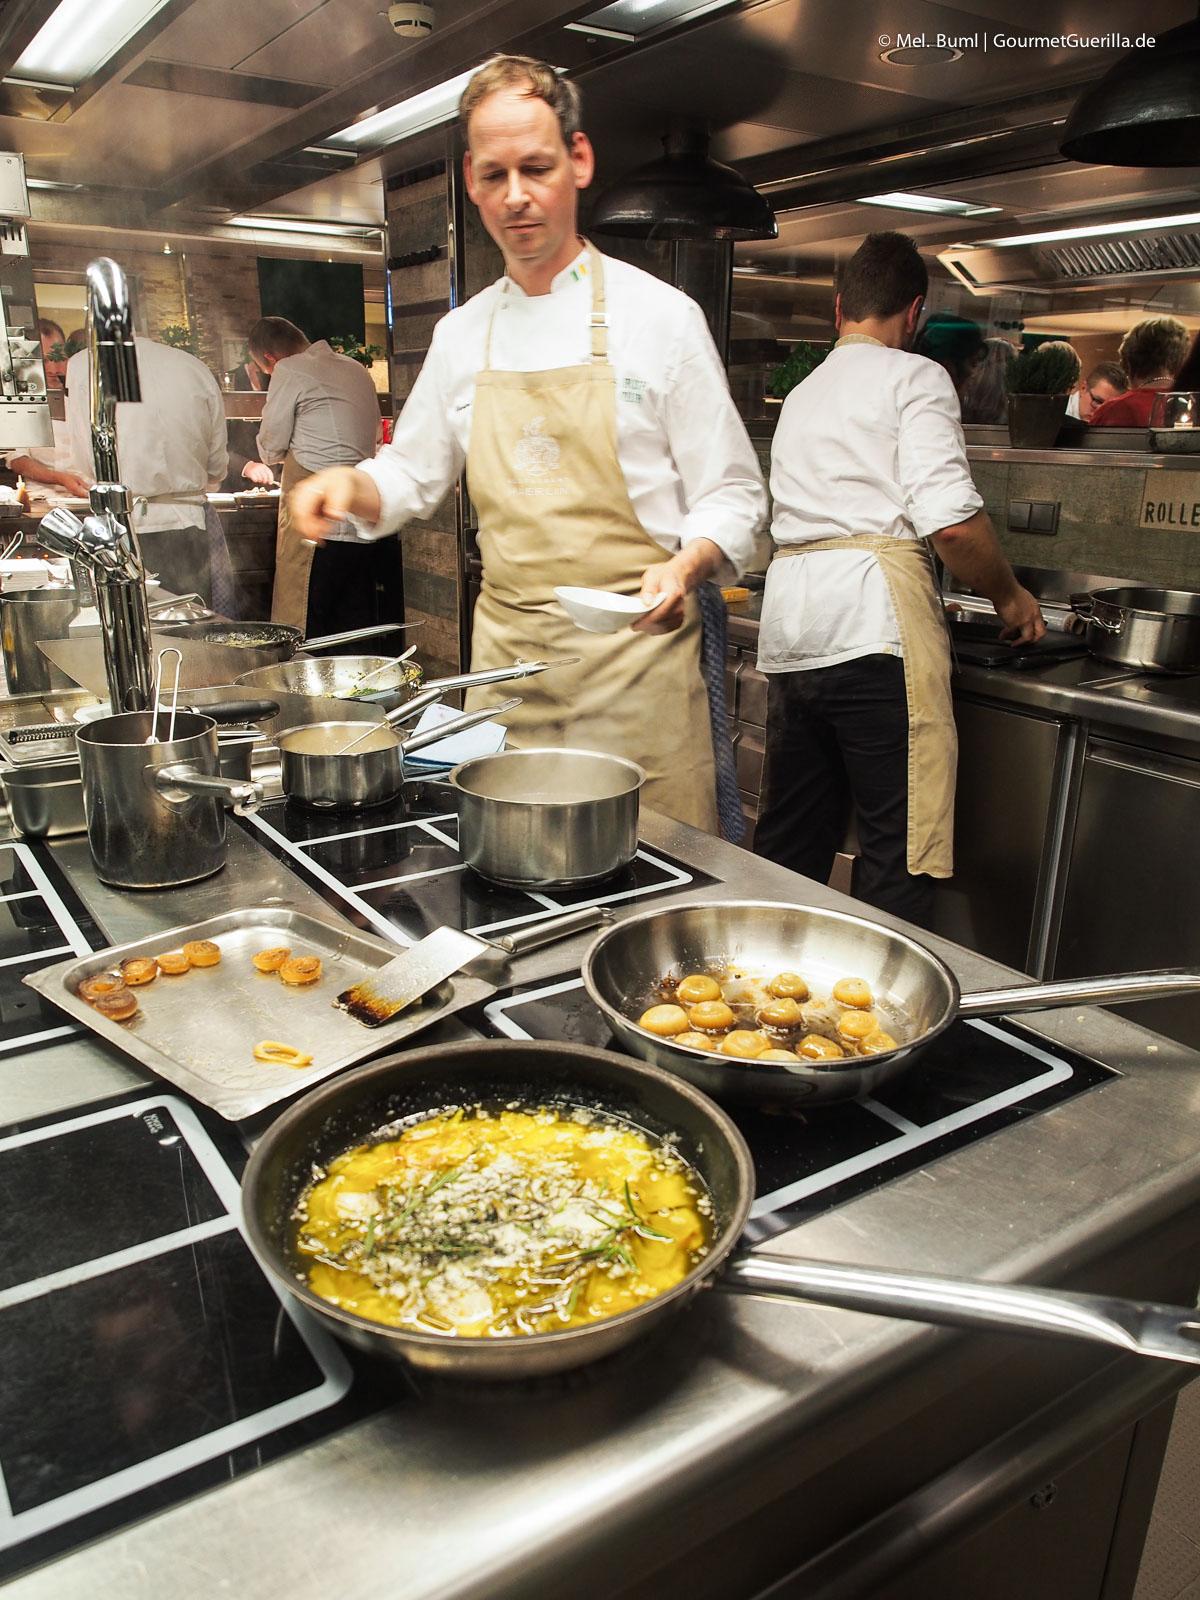 Kuechenparty Irish Beef Hotel Vier Jahreszeiten Christoph Rueffer Haerlin |GourmetGuerilla.de-9233272